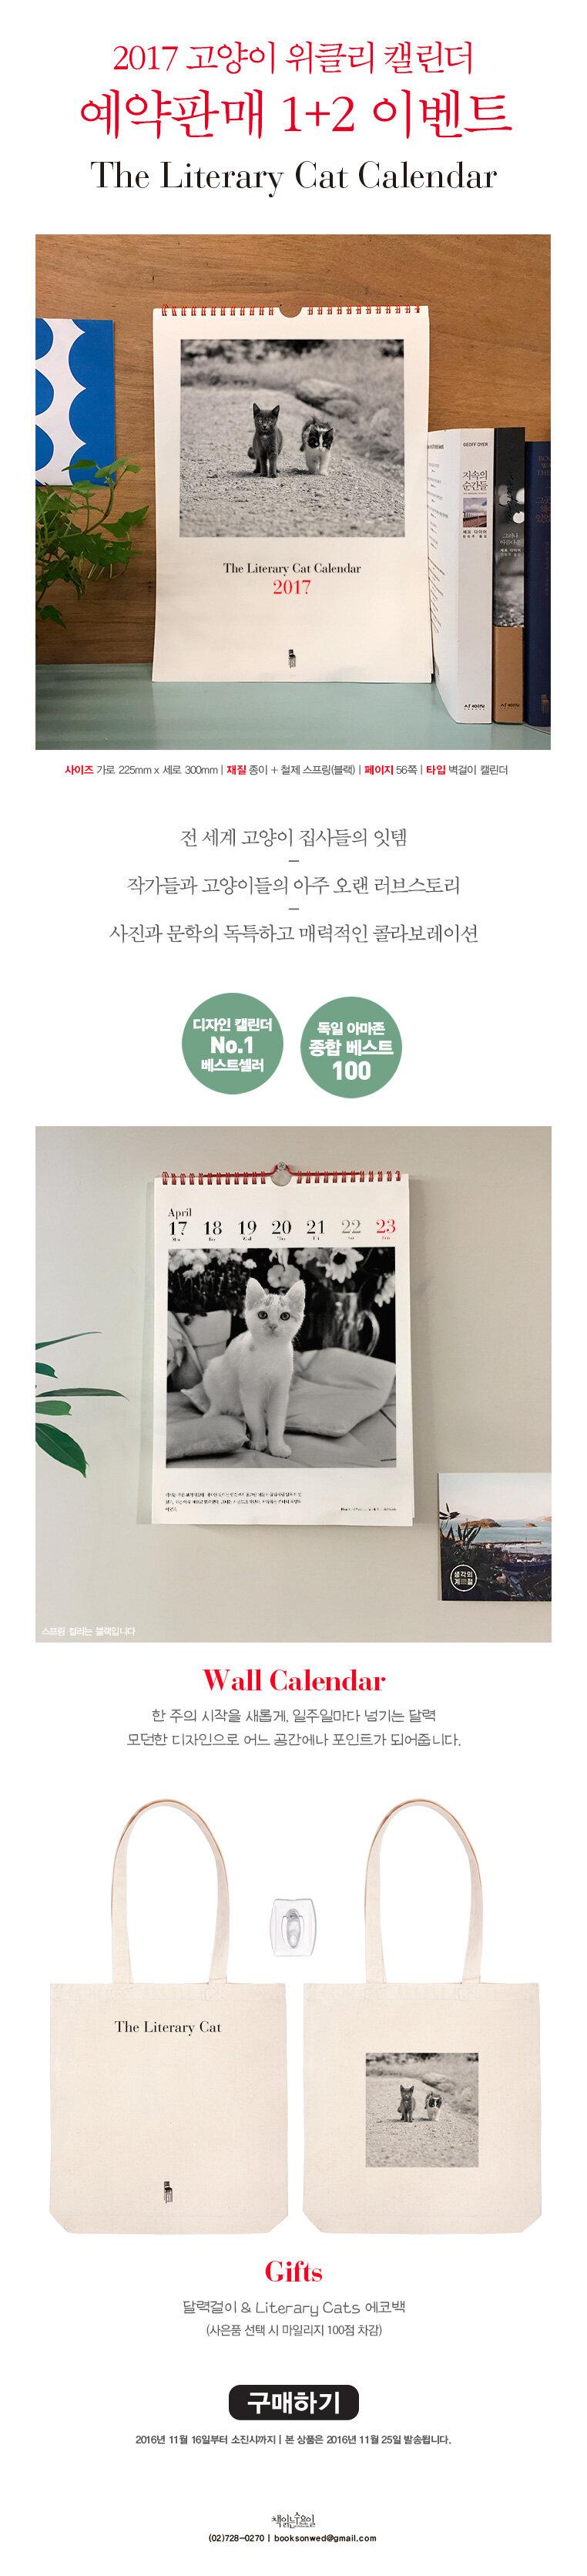 <2017 고양이 위클리 캘린더> 예약판매 1+2 이벤트